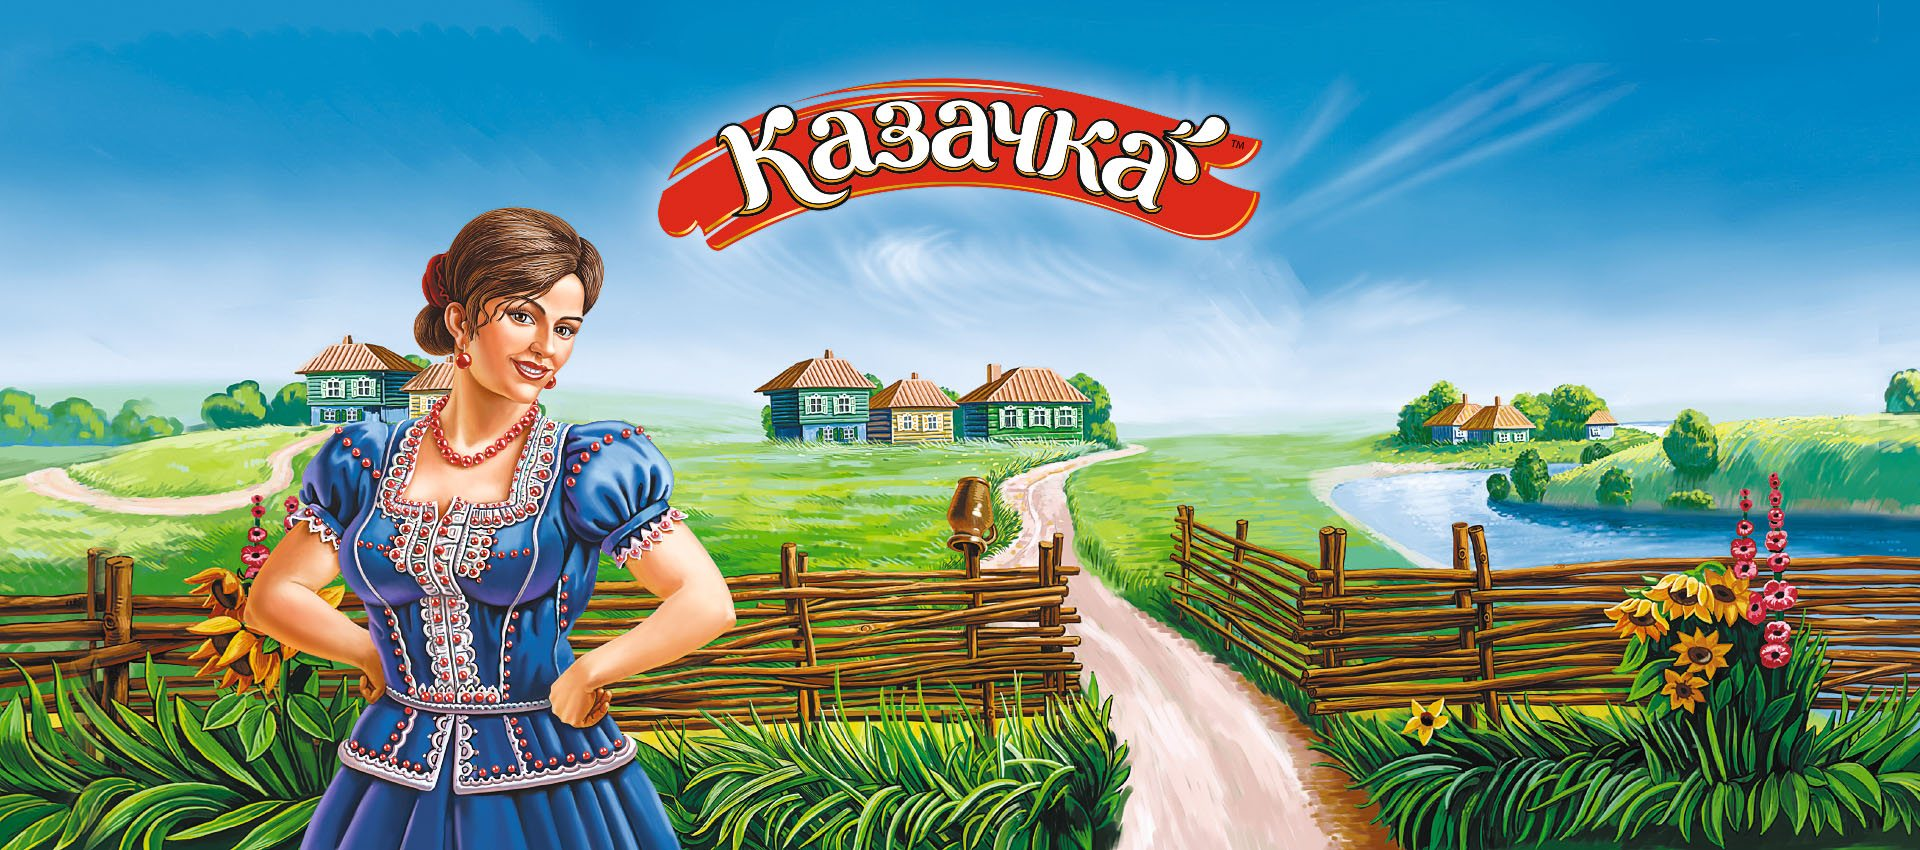 Открытки казаки и казачки, вацапе